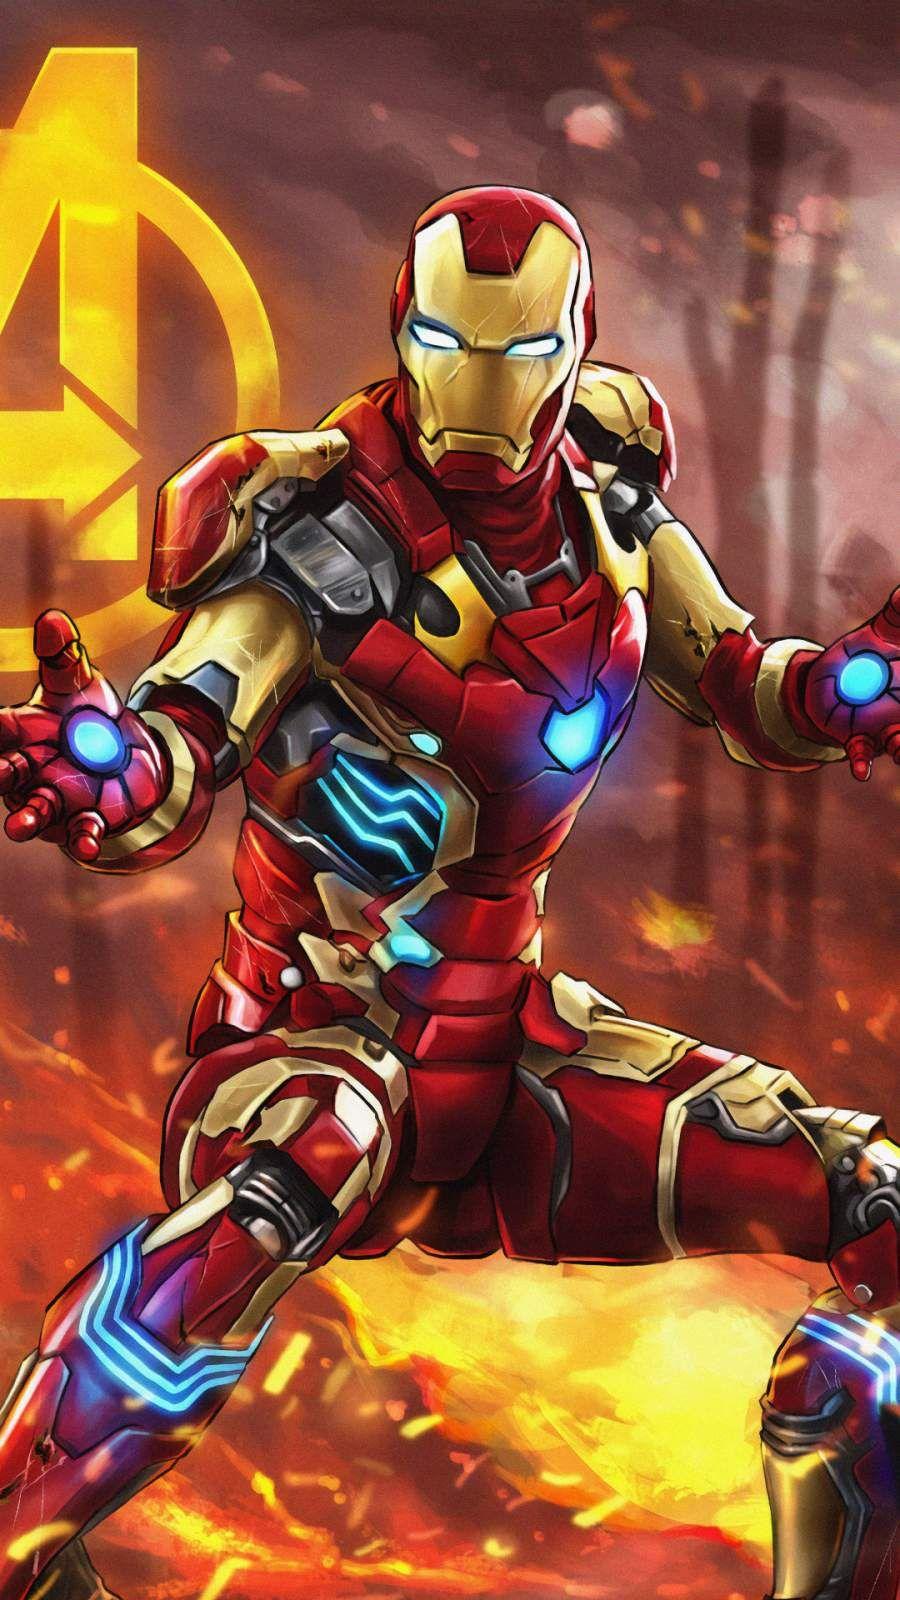 The Iron Man Art Iphone Wallpaper Iron Man Art Superhero Wallpaper Avengers Wallpaper